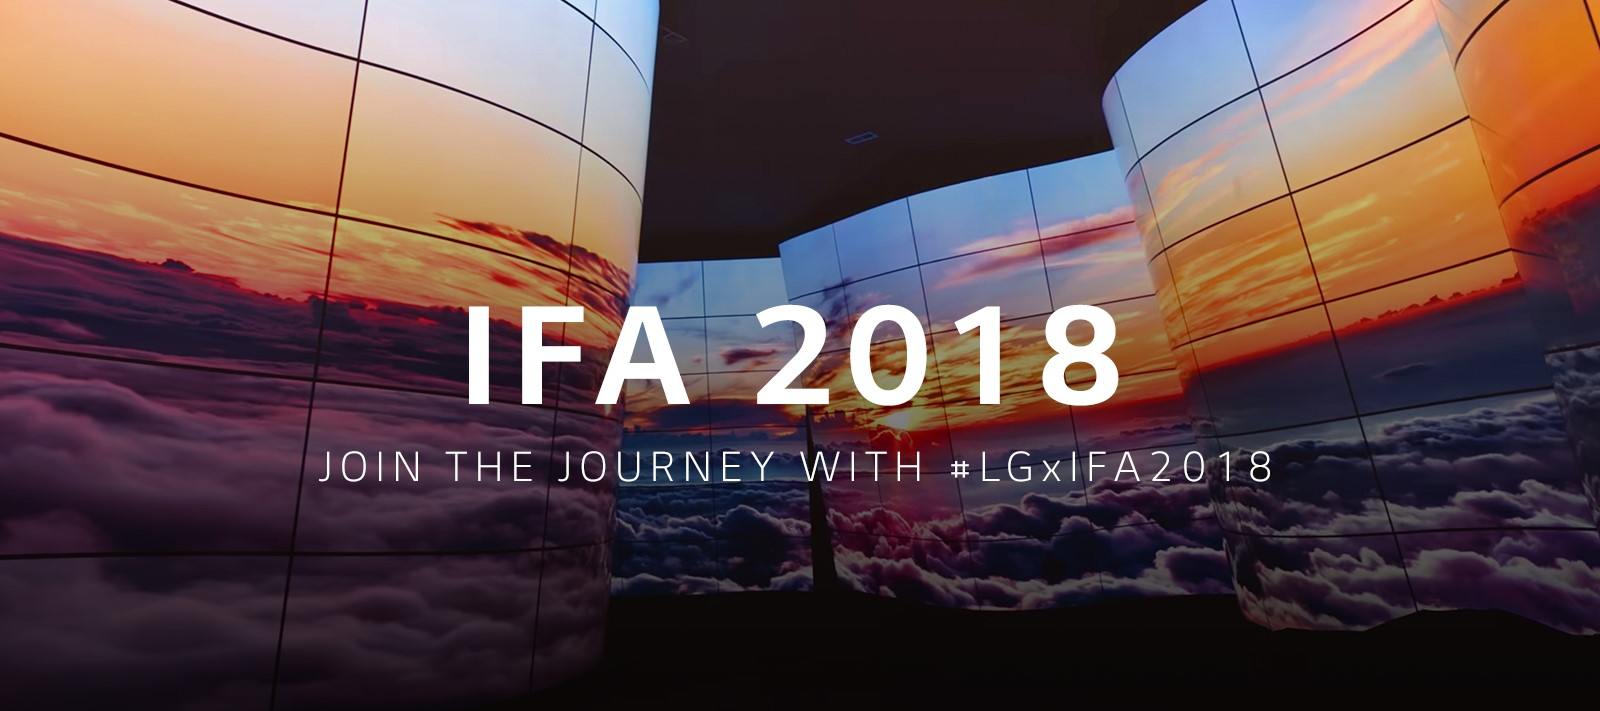 lg ifa 2018 landing page key visual pc